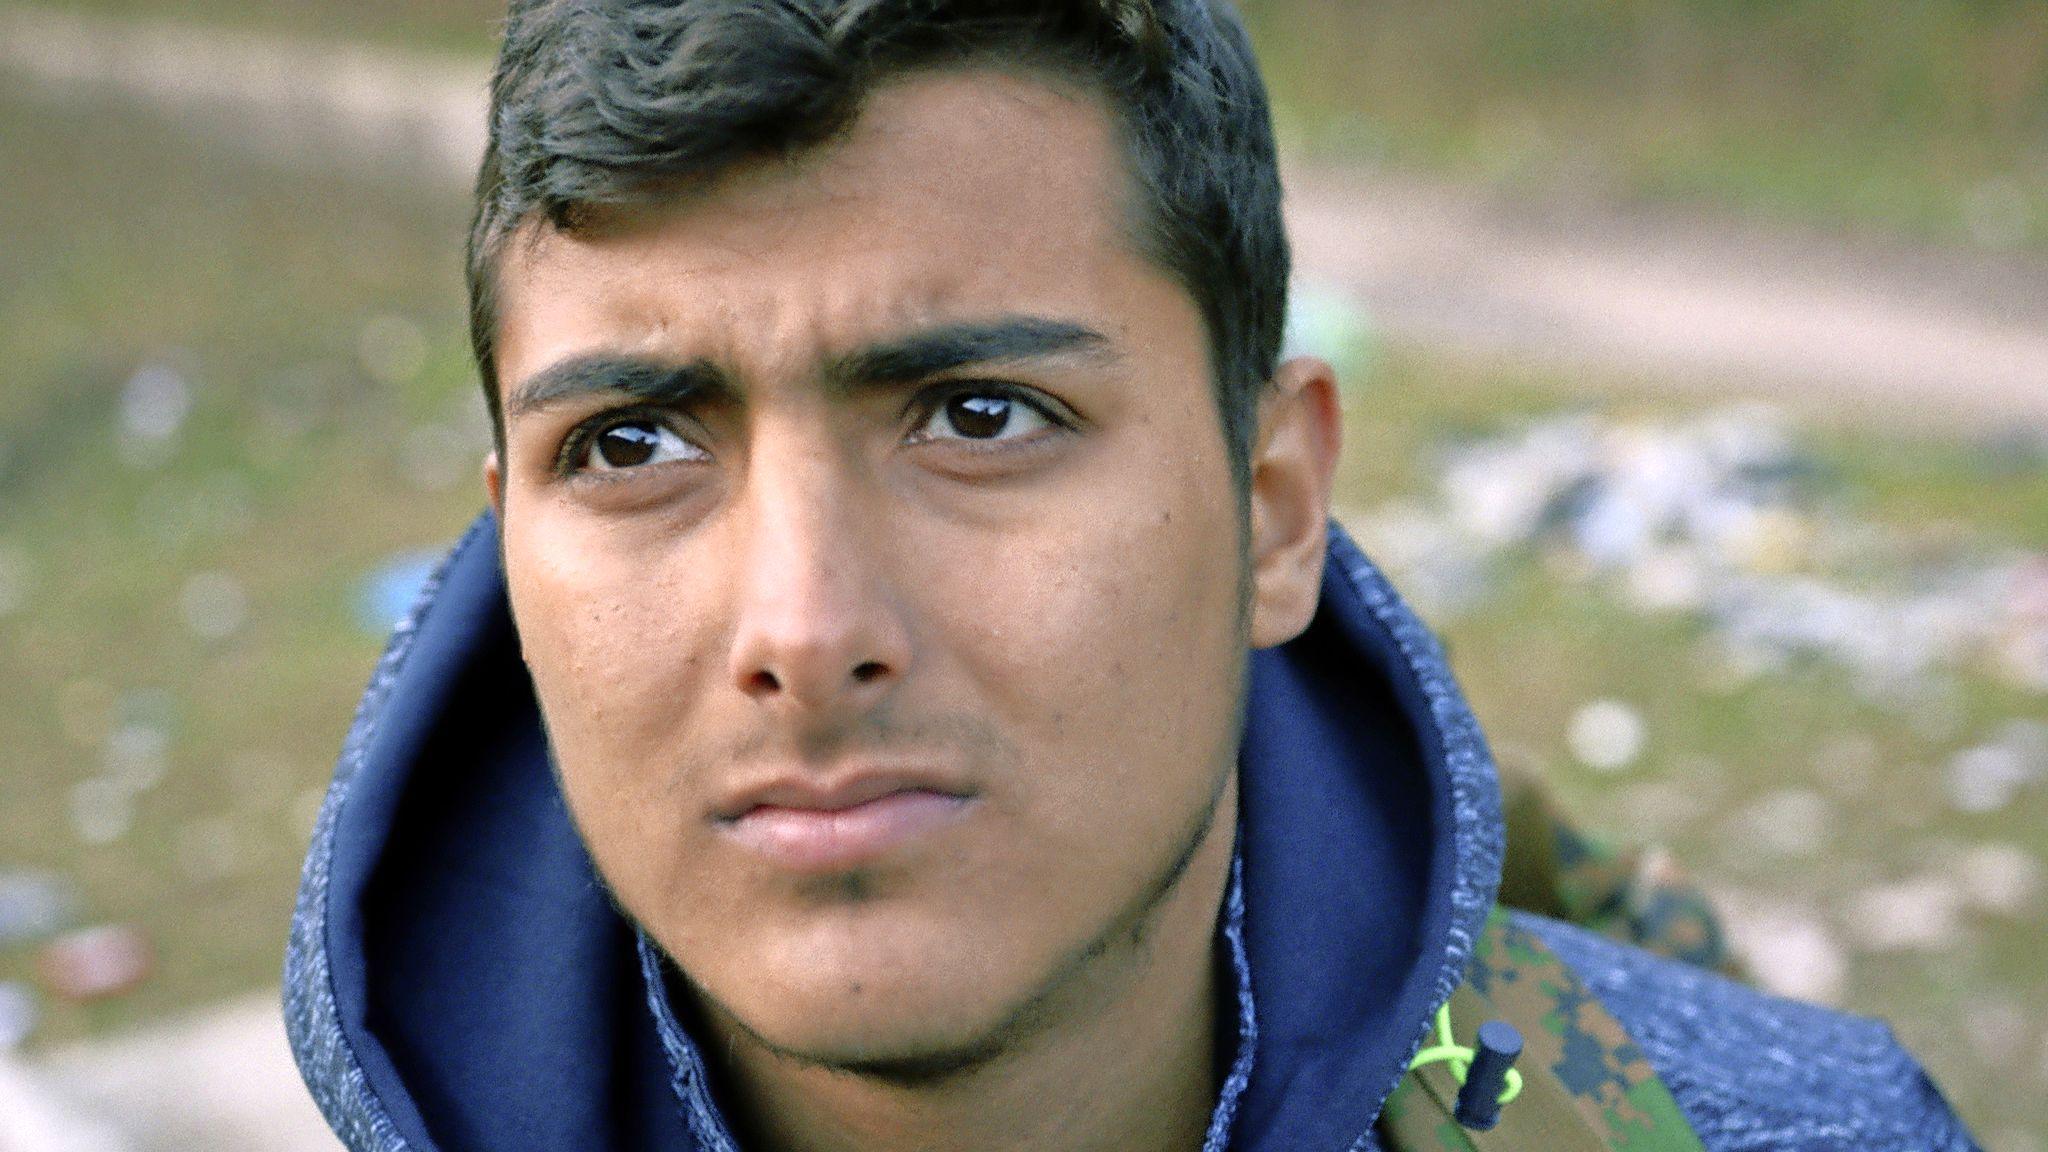 Tieners op de vlucht door Europa: Cinema Oostereiland ontmoet makers indrukwekkende documentaire 'Shadow Game'